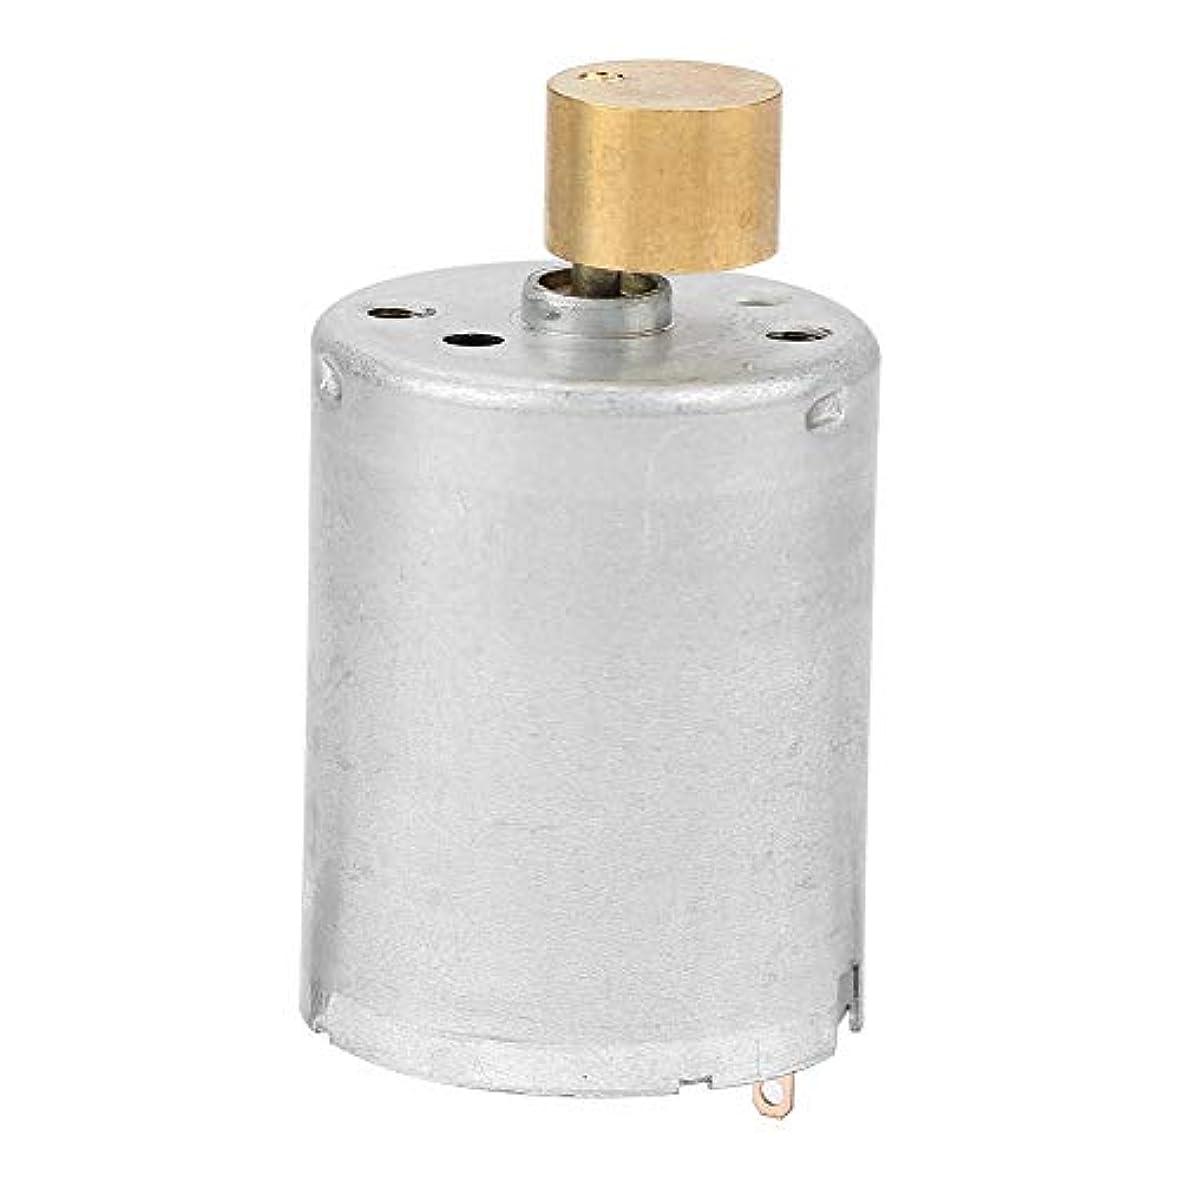 パンチ切断する超音速マッサージ装置のための振動モーターRF370 DCの小型強い振動振動モーター12V